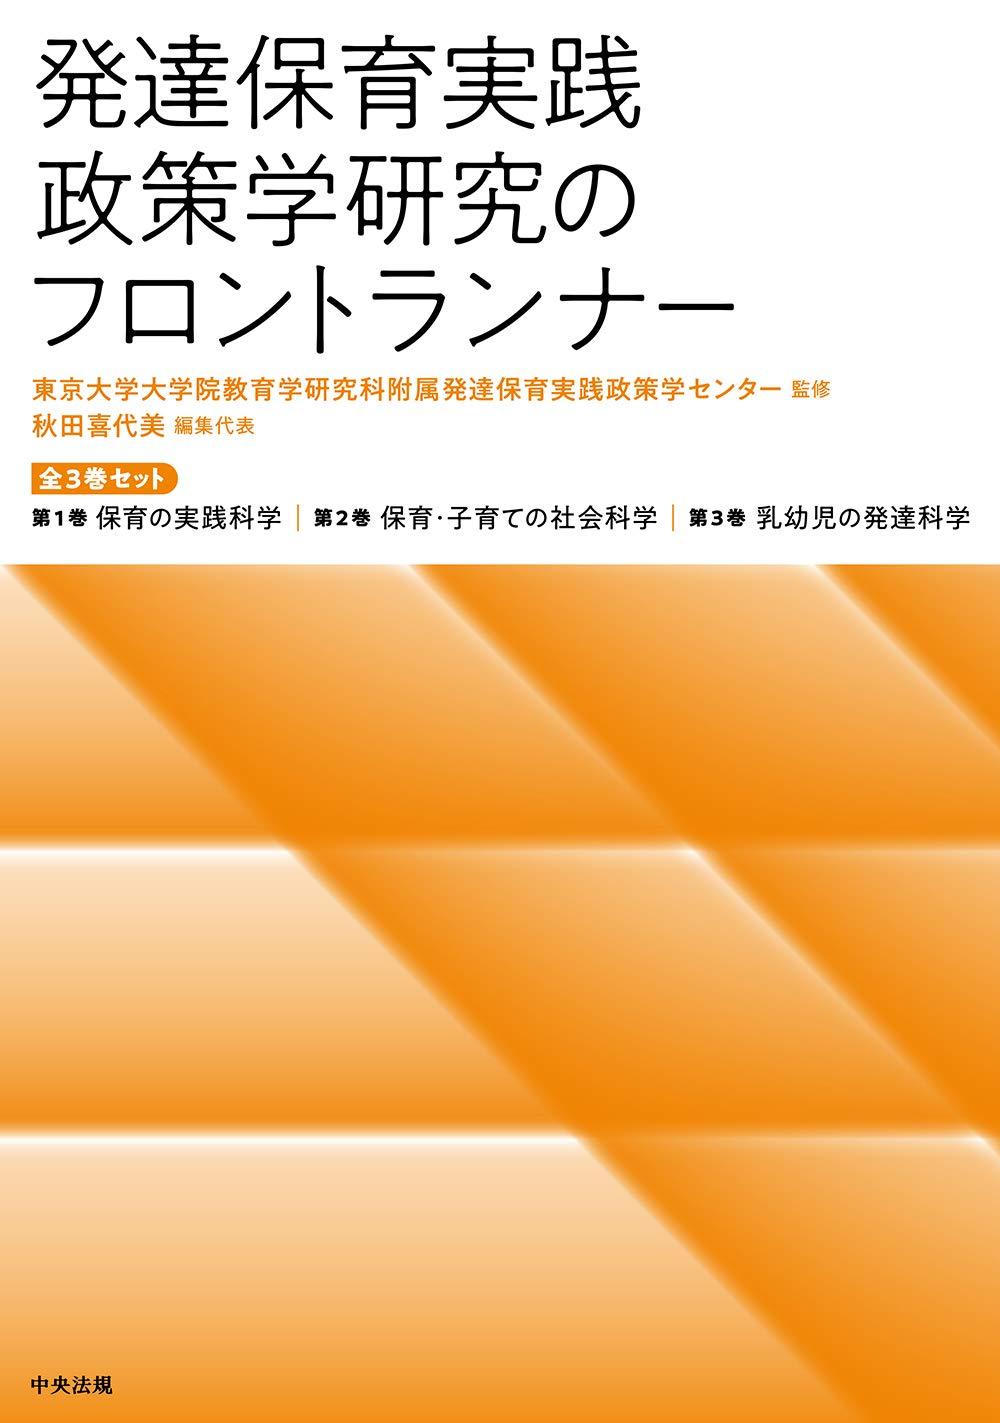 教育 東京 科 大学 学 研究